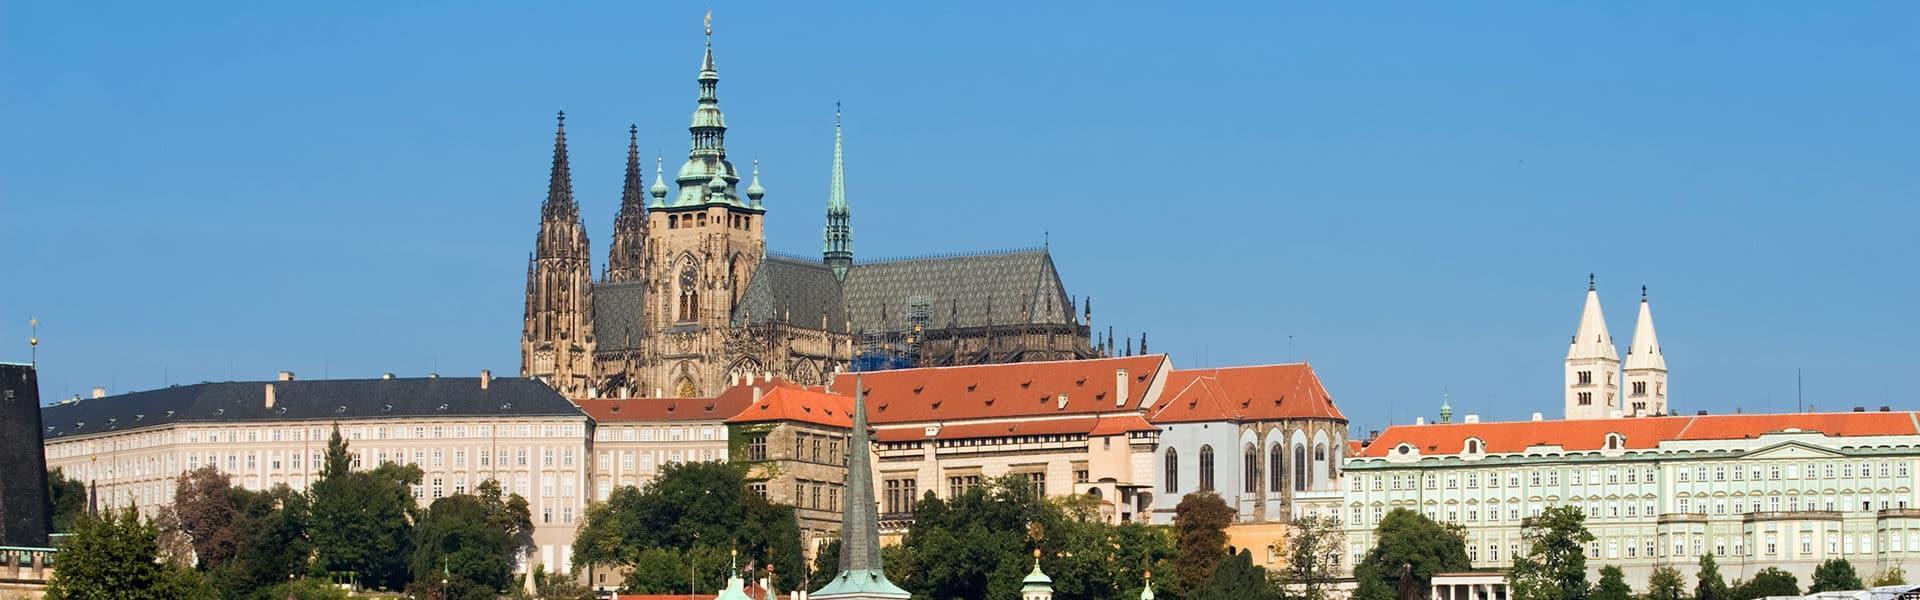 Sightseeing Prager Burk auf der Firmenreise Prag mit b-ceed eventagentur